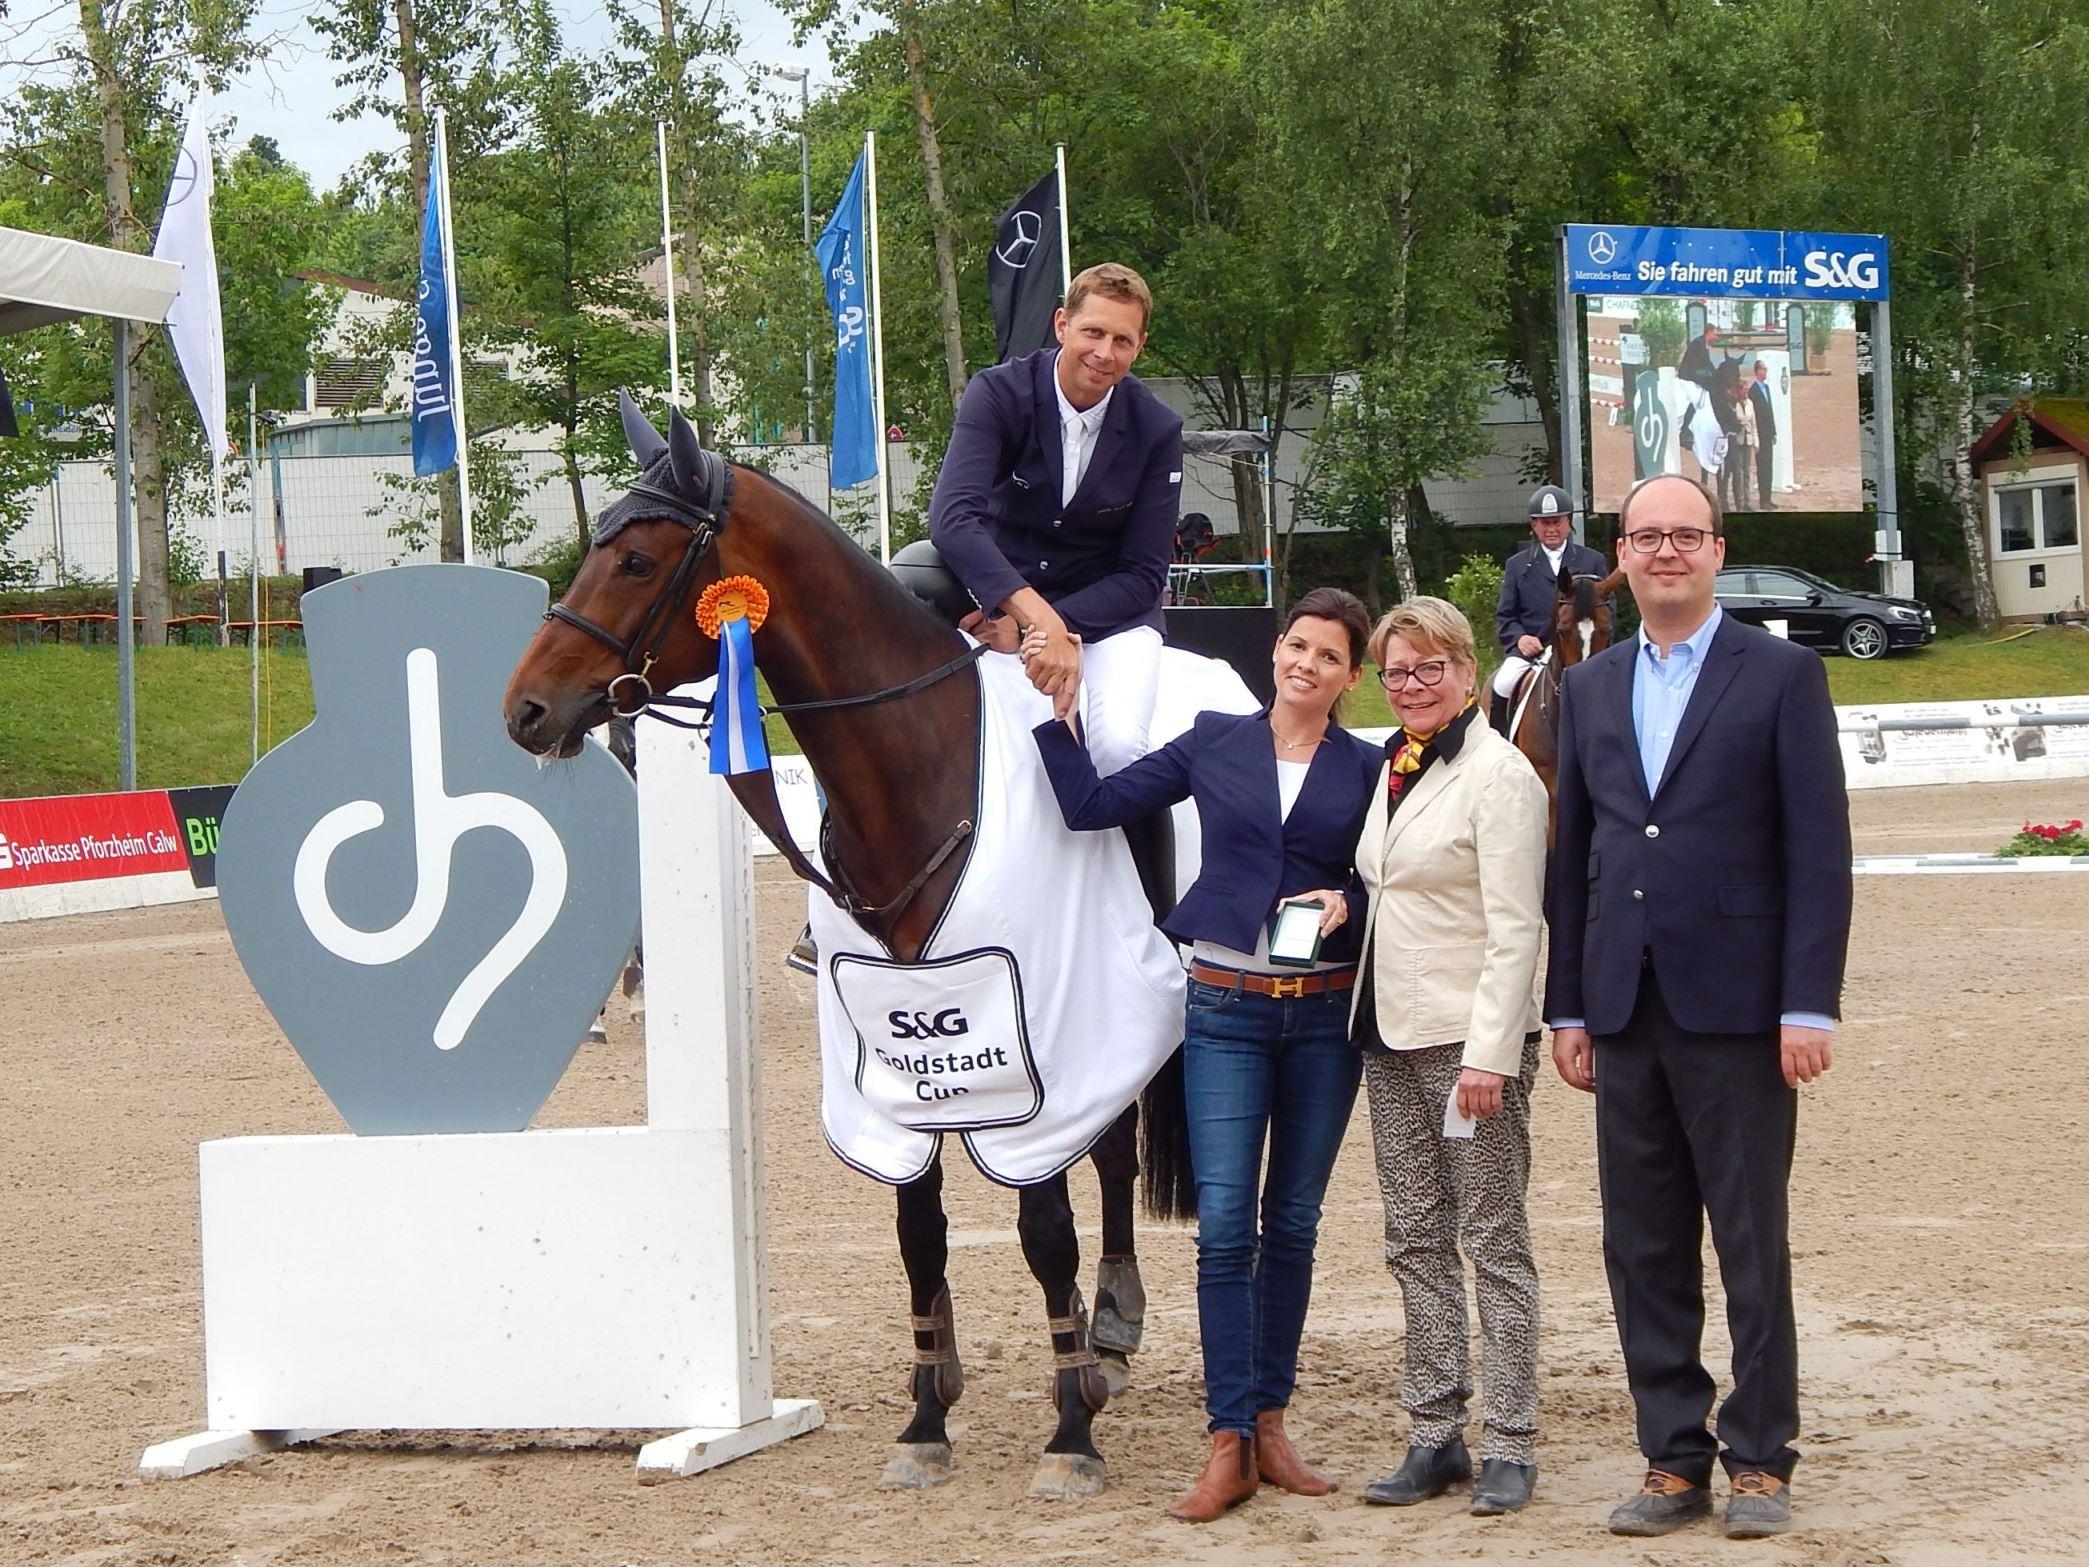 Markus Renzel dominiert im Preis der C.Hafner GmbH & Co. KG